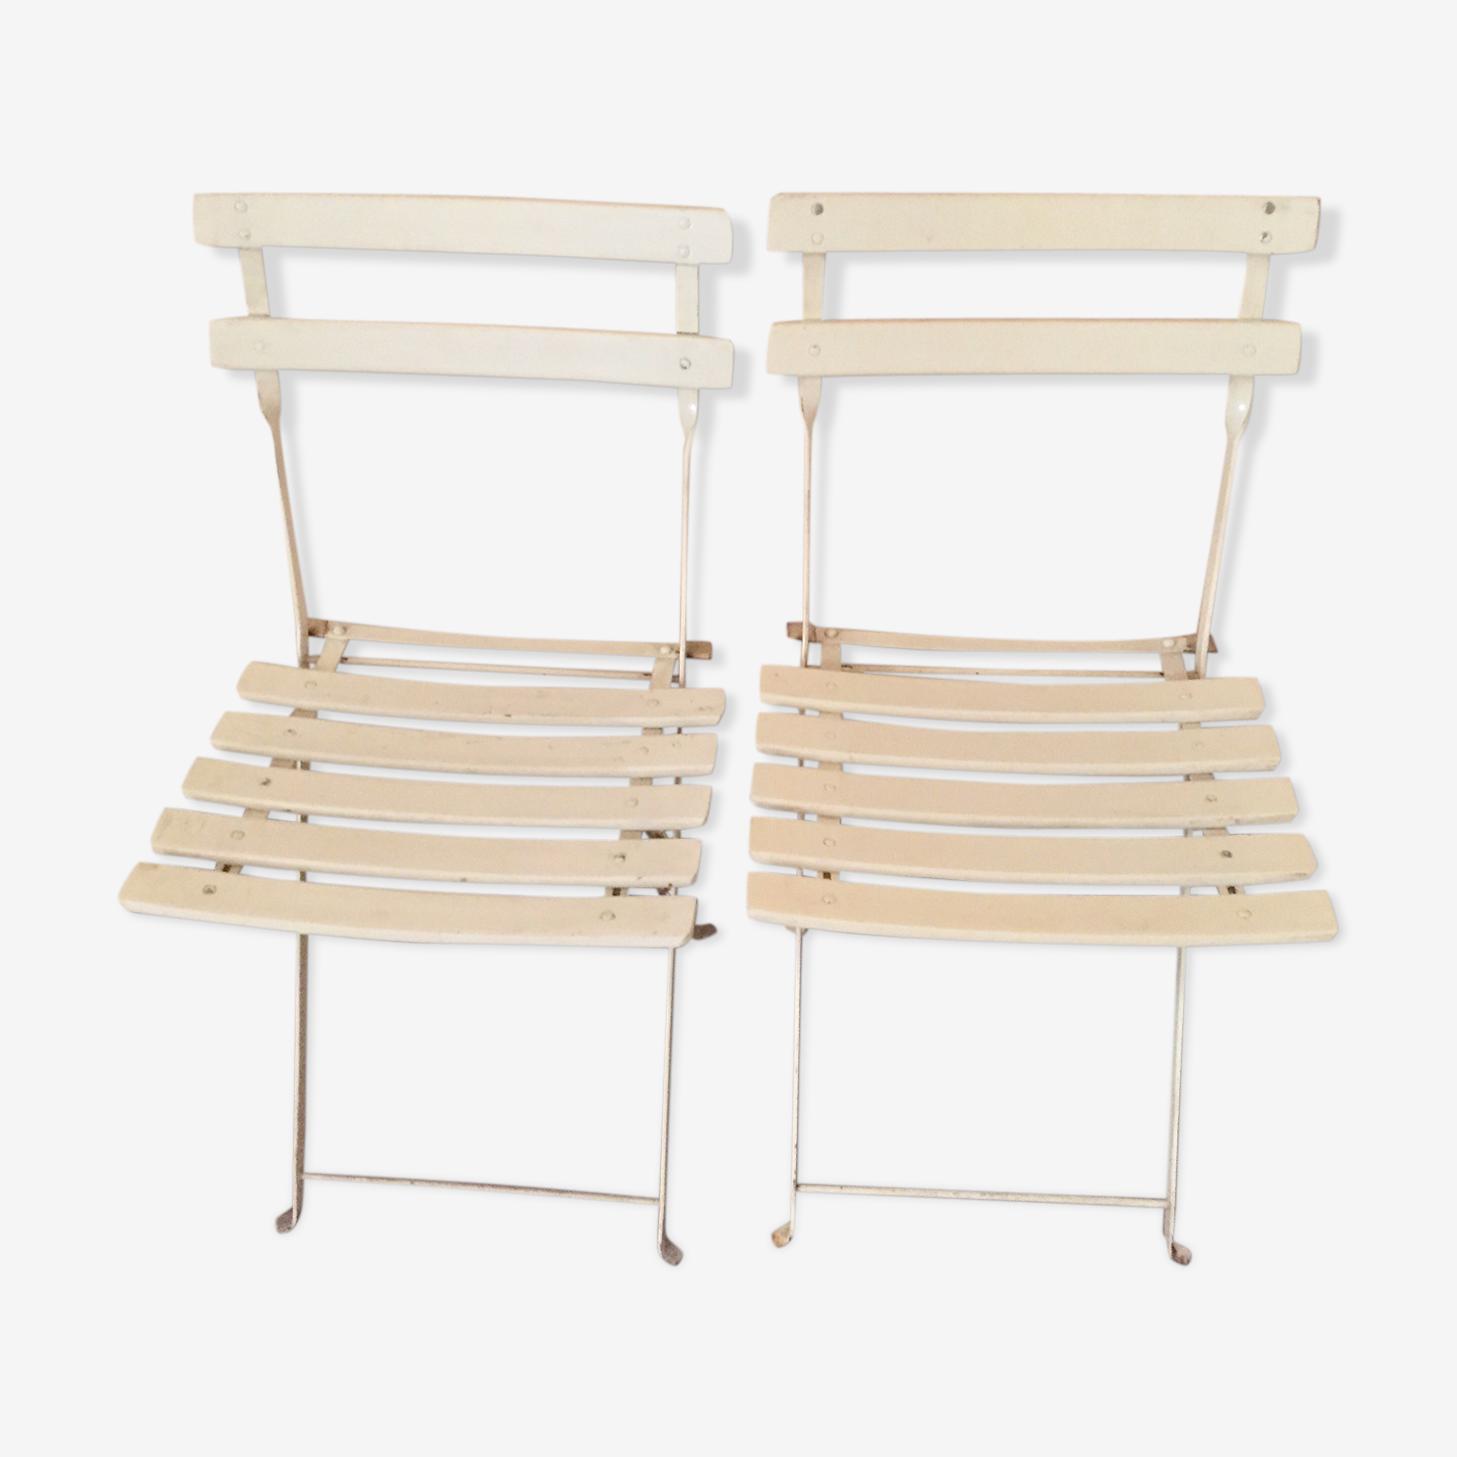 2 chaises de jardin pliantes en bois et métal